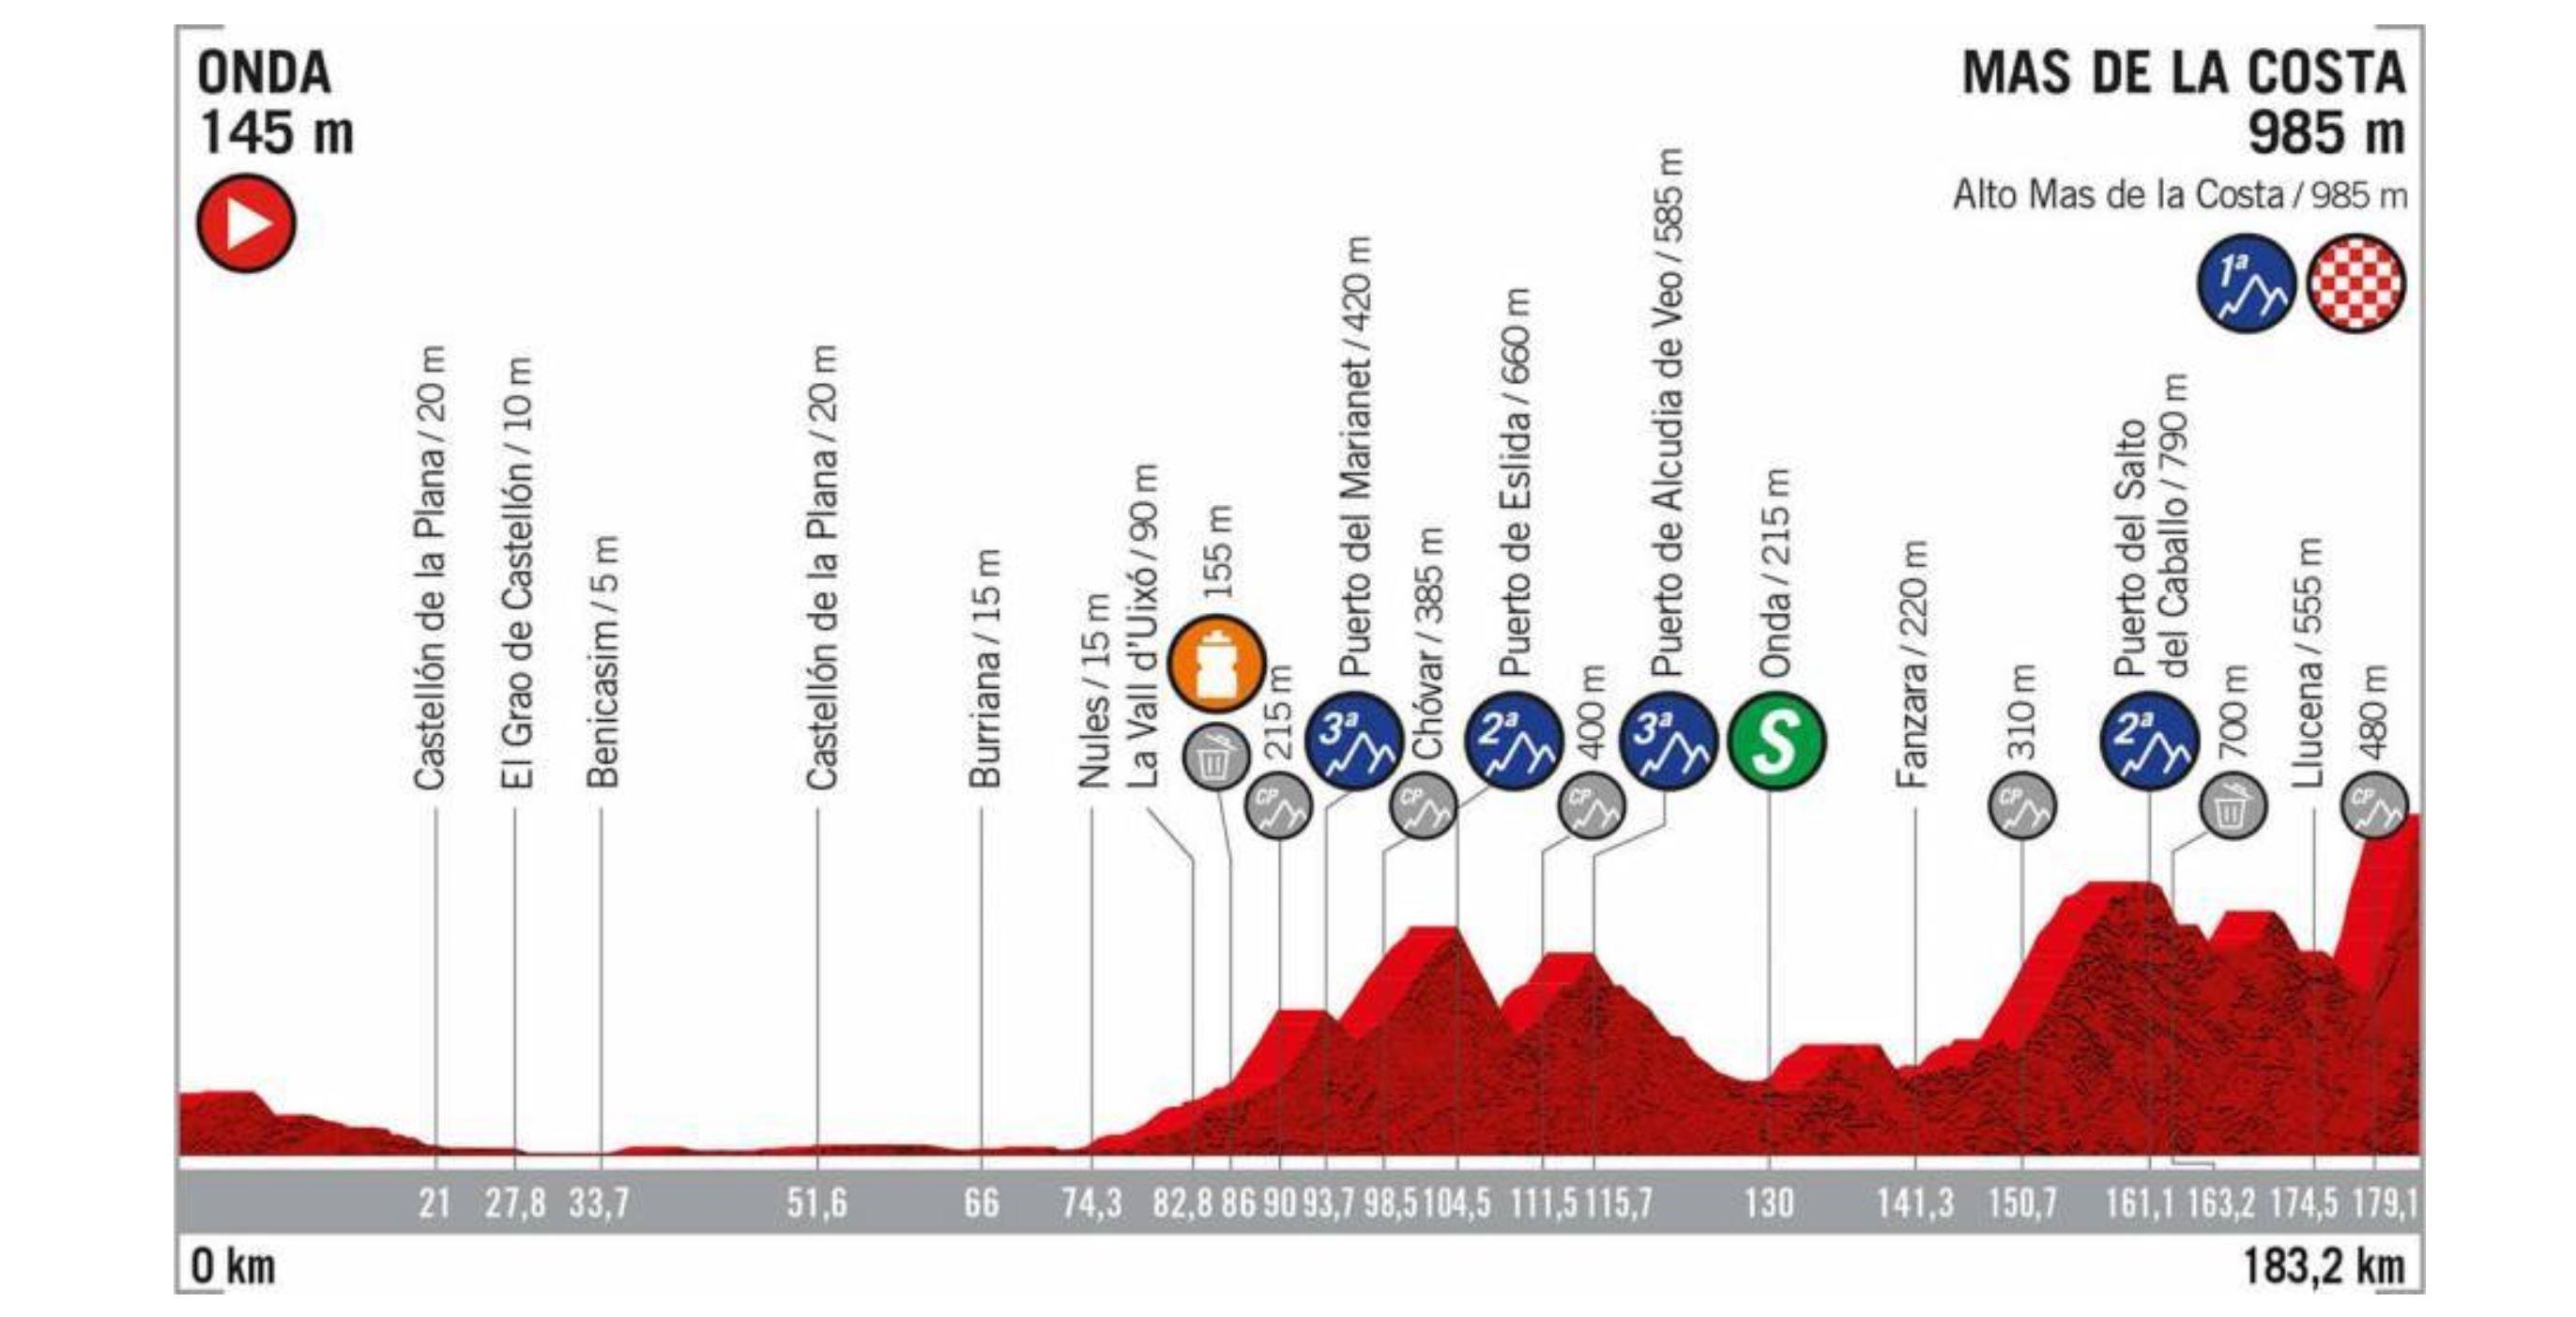 La Vuelta a Espana 2019, stage 7 profile